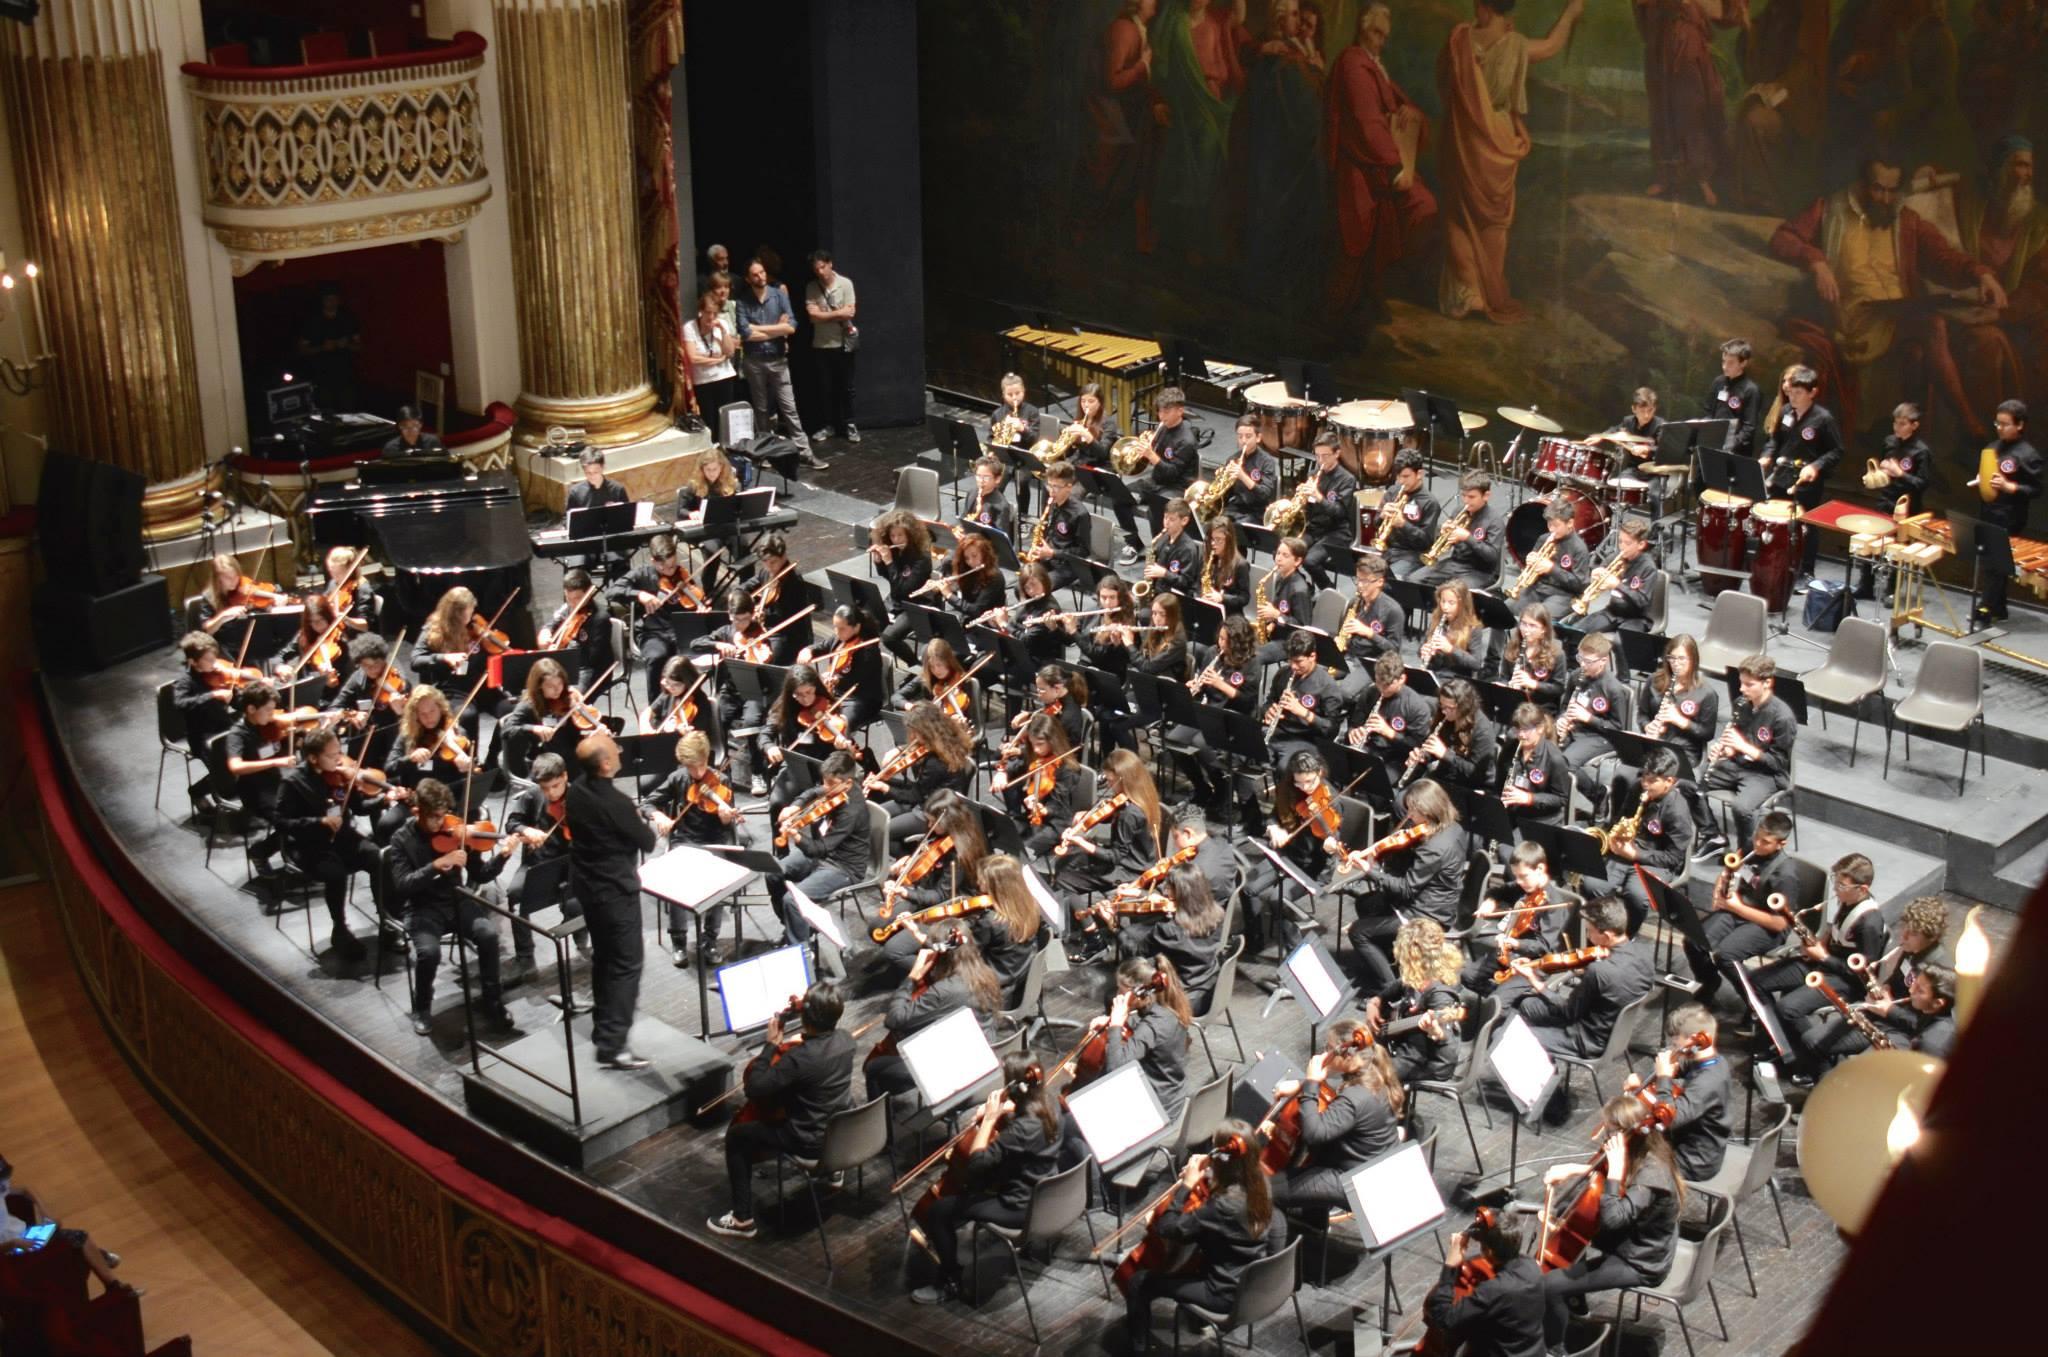 AVVISO N.86 sospensione lezioni di strumento musicale